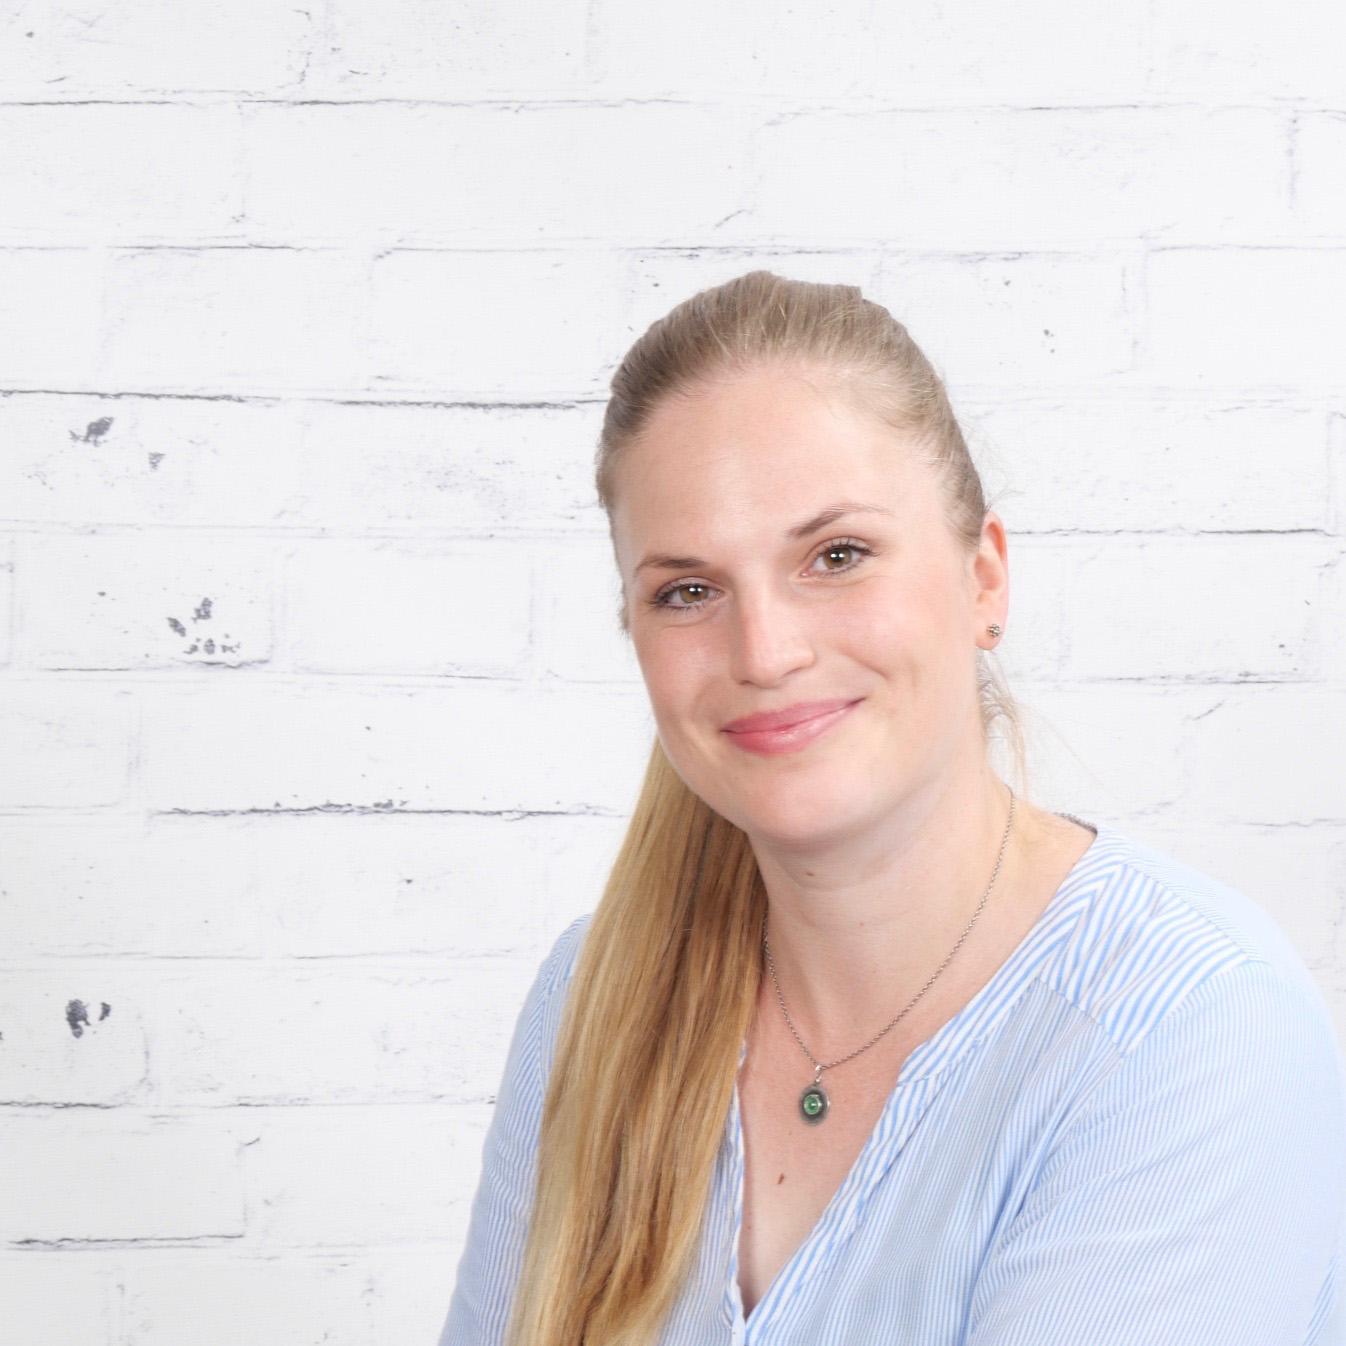 Profilbild von Nora Borchmann